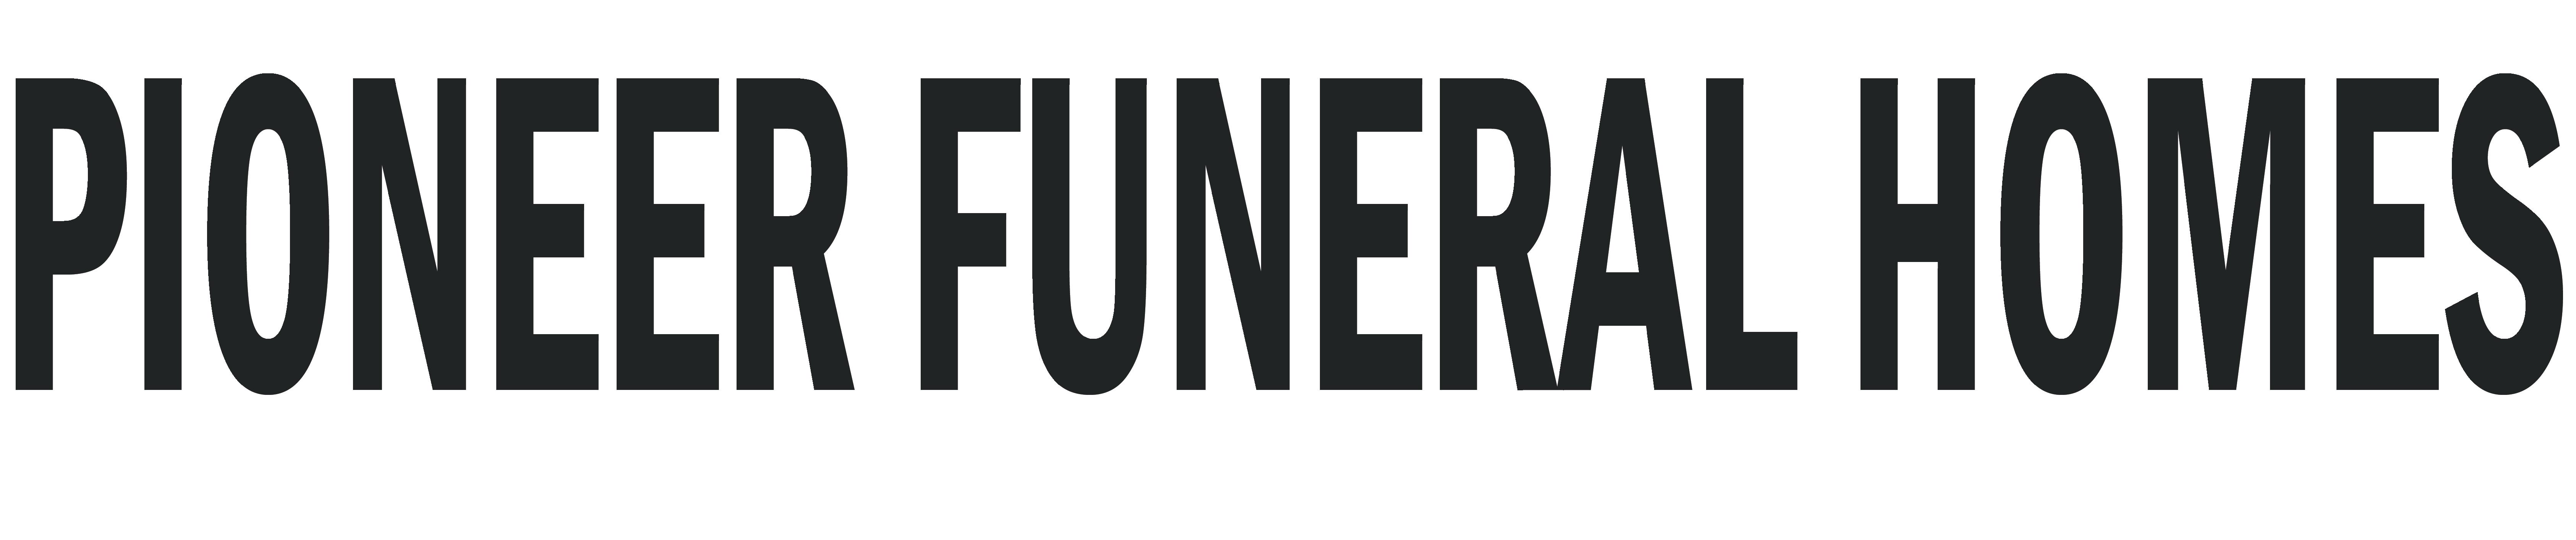 Pioneer Funeral Homes